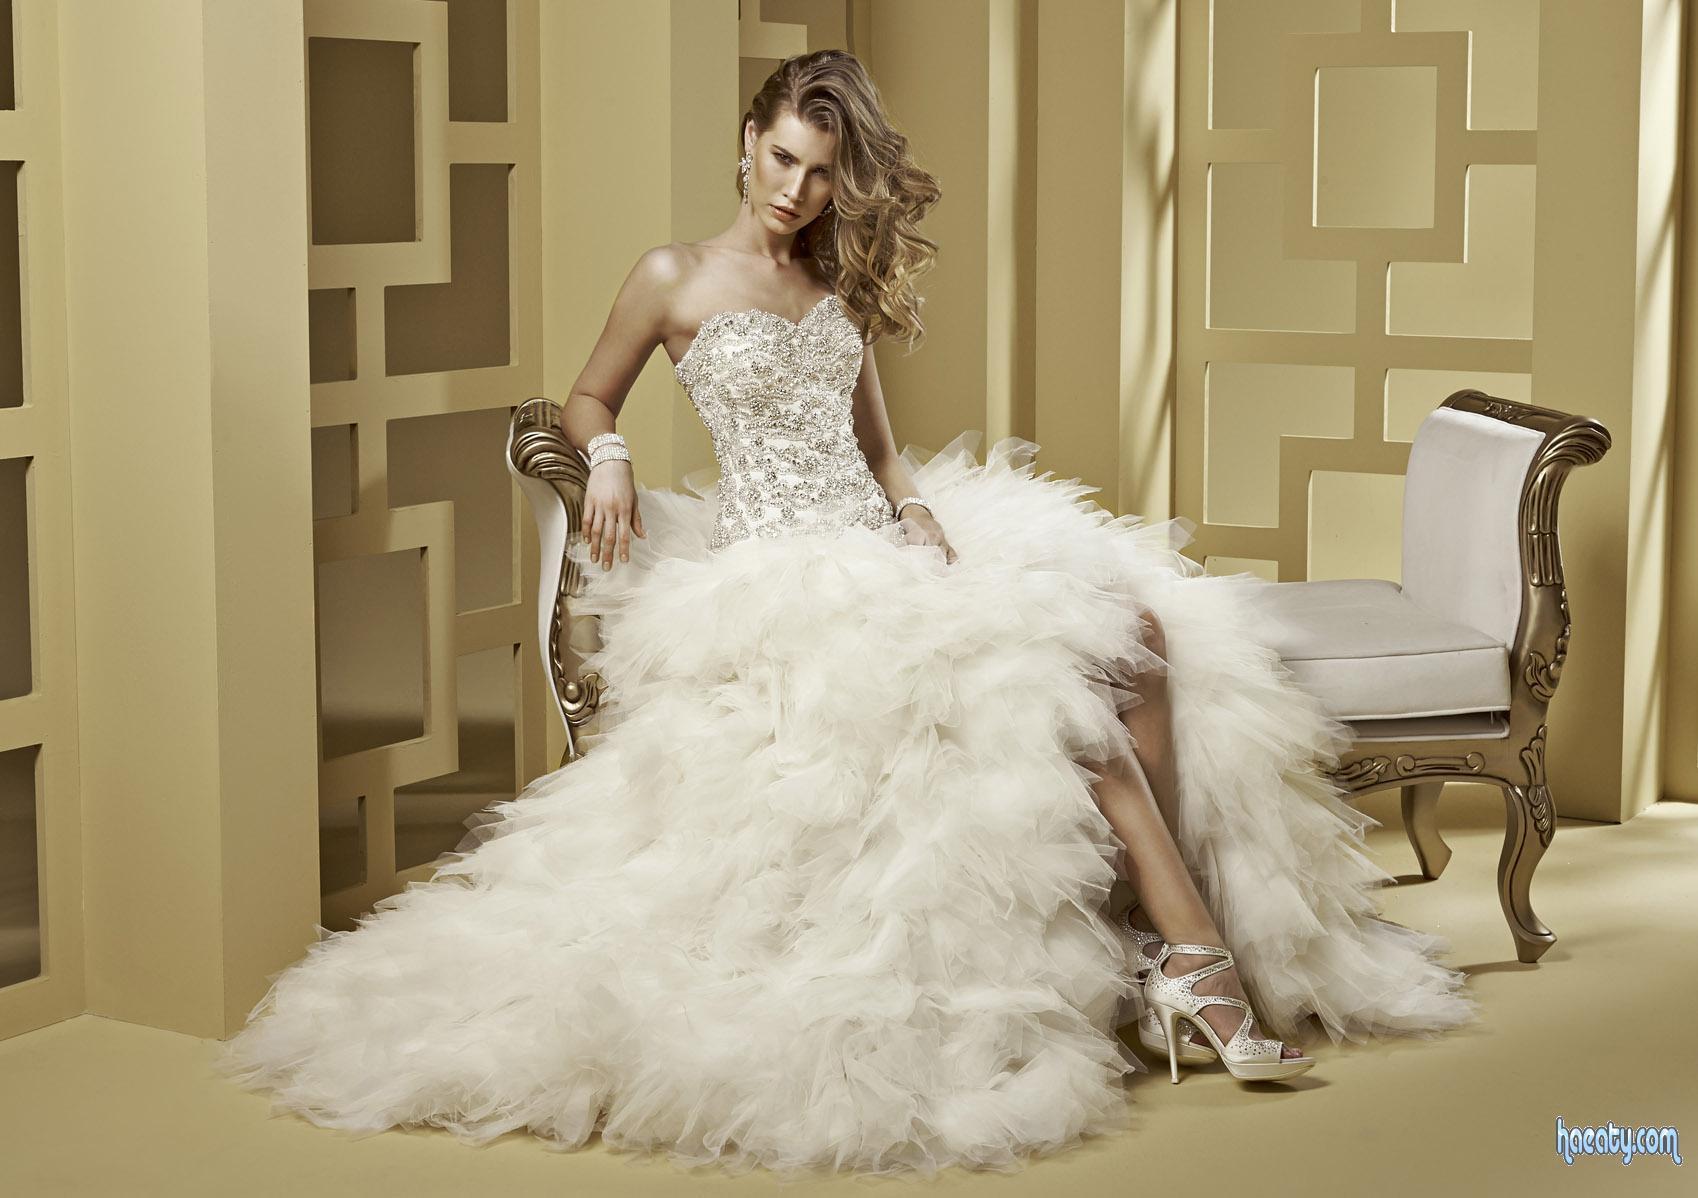 فساتين زفاف ايطاليا موضة 2015 1422356990764.jpg